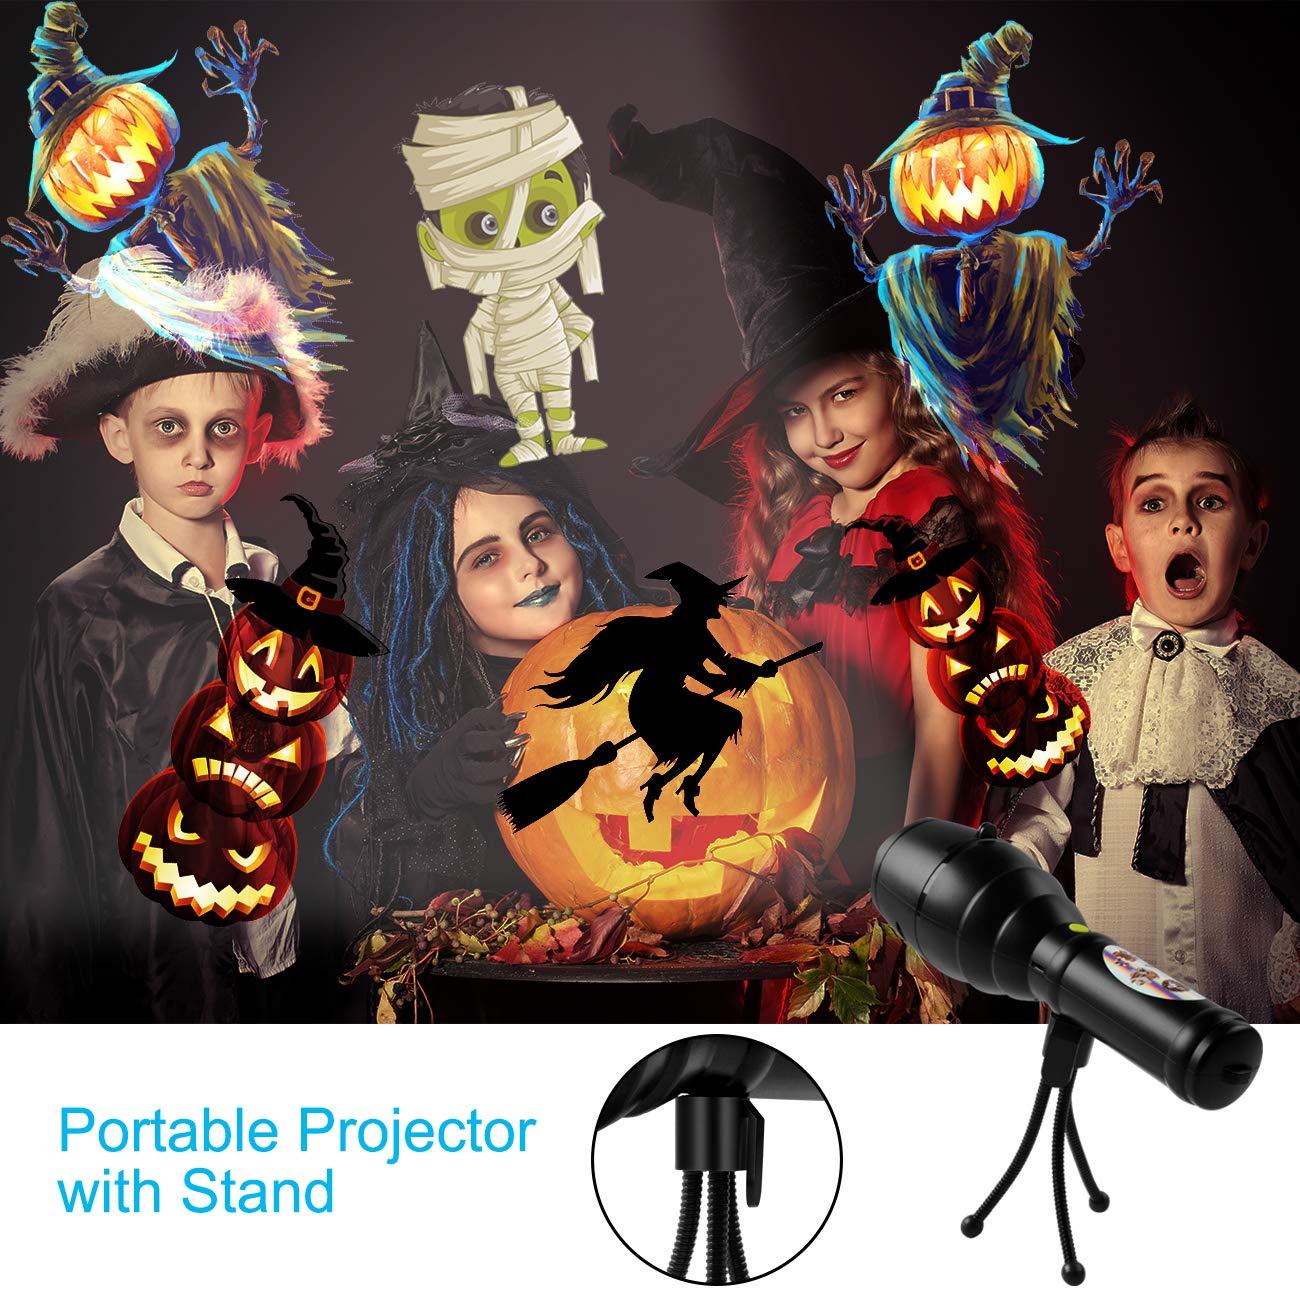 LED Projektionslampe,Atuten LED Projektor Taschenlampe mit 12 Verschiedene Motive,8 Musik Hintergrund,USB-Lade Kindertaschenlampe mit Stativ Tragbar Dekorative Lichter f/ür Halloween Weihnachten Party